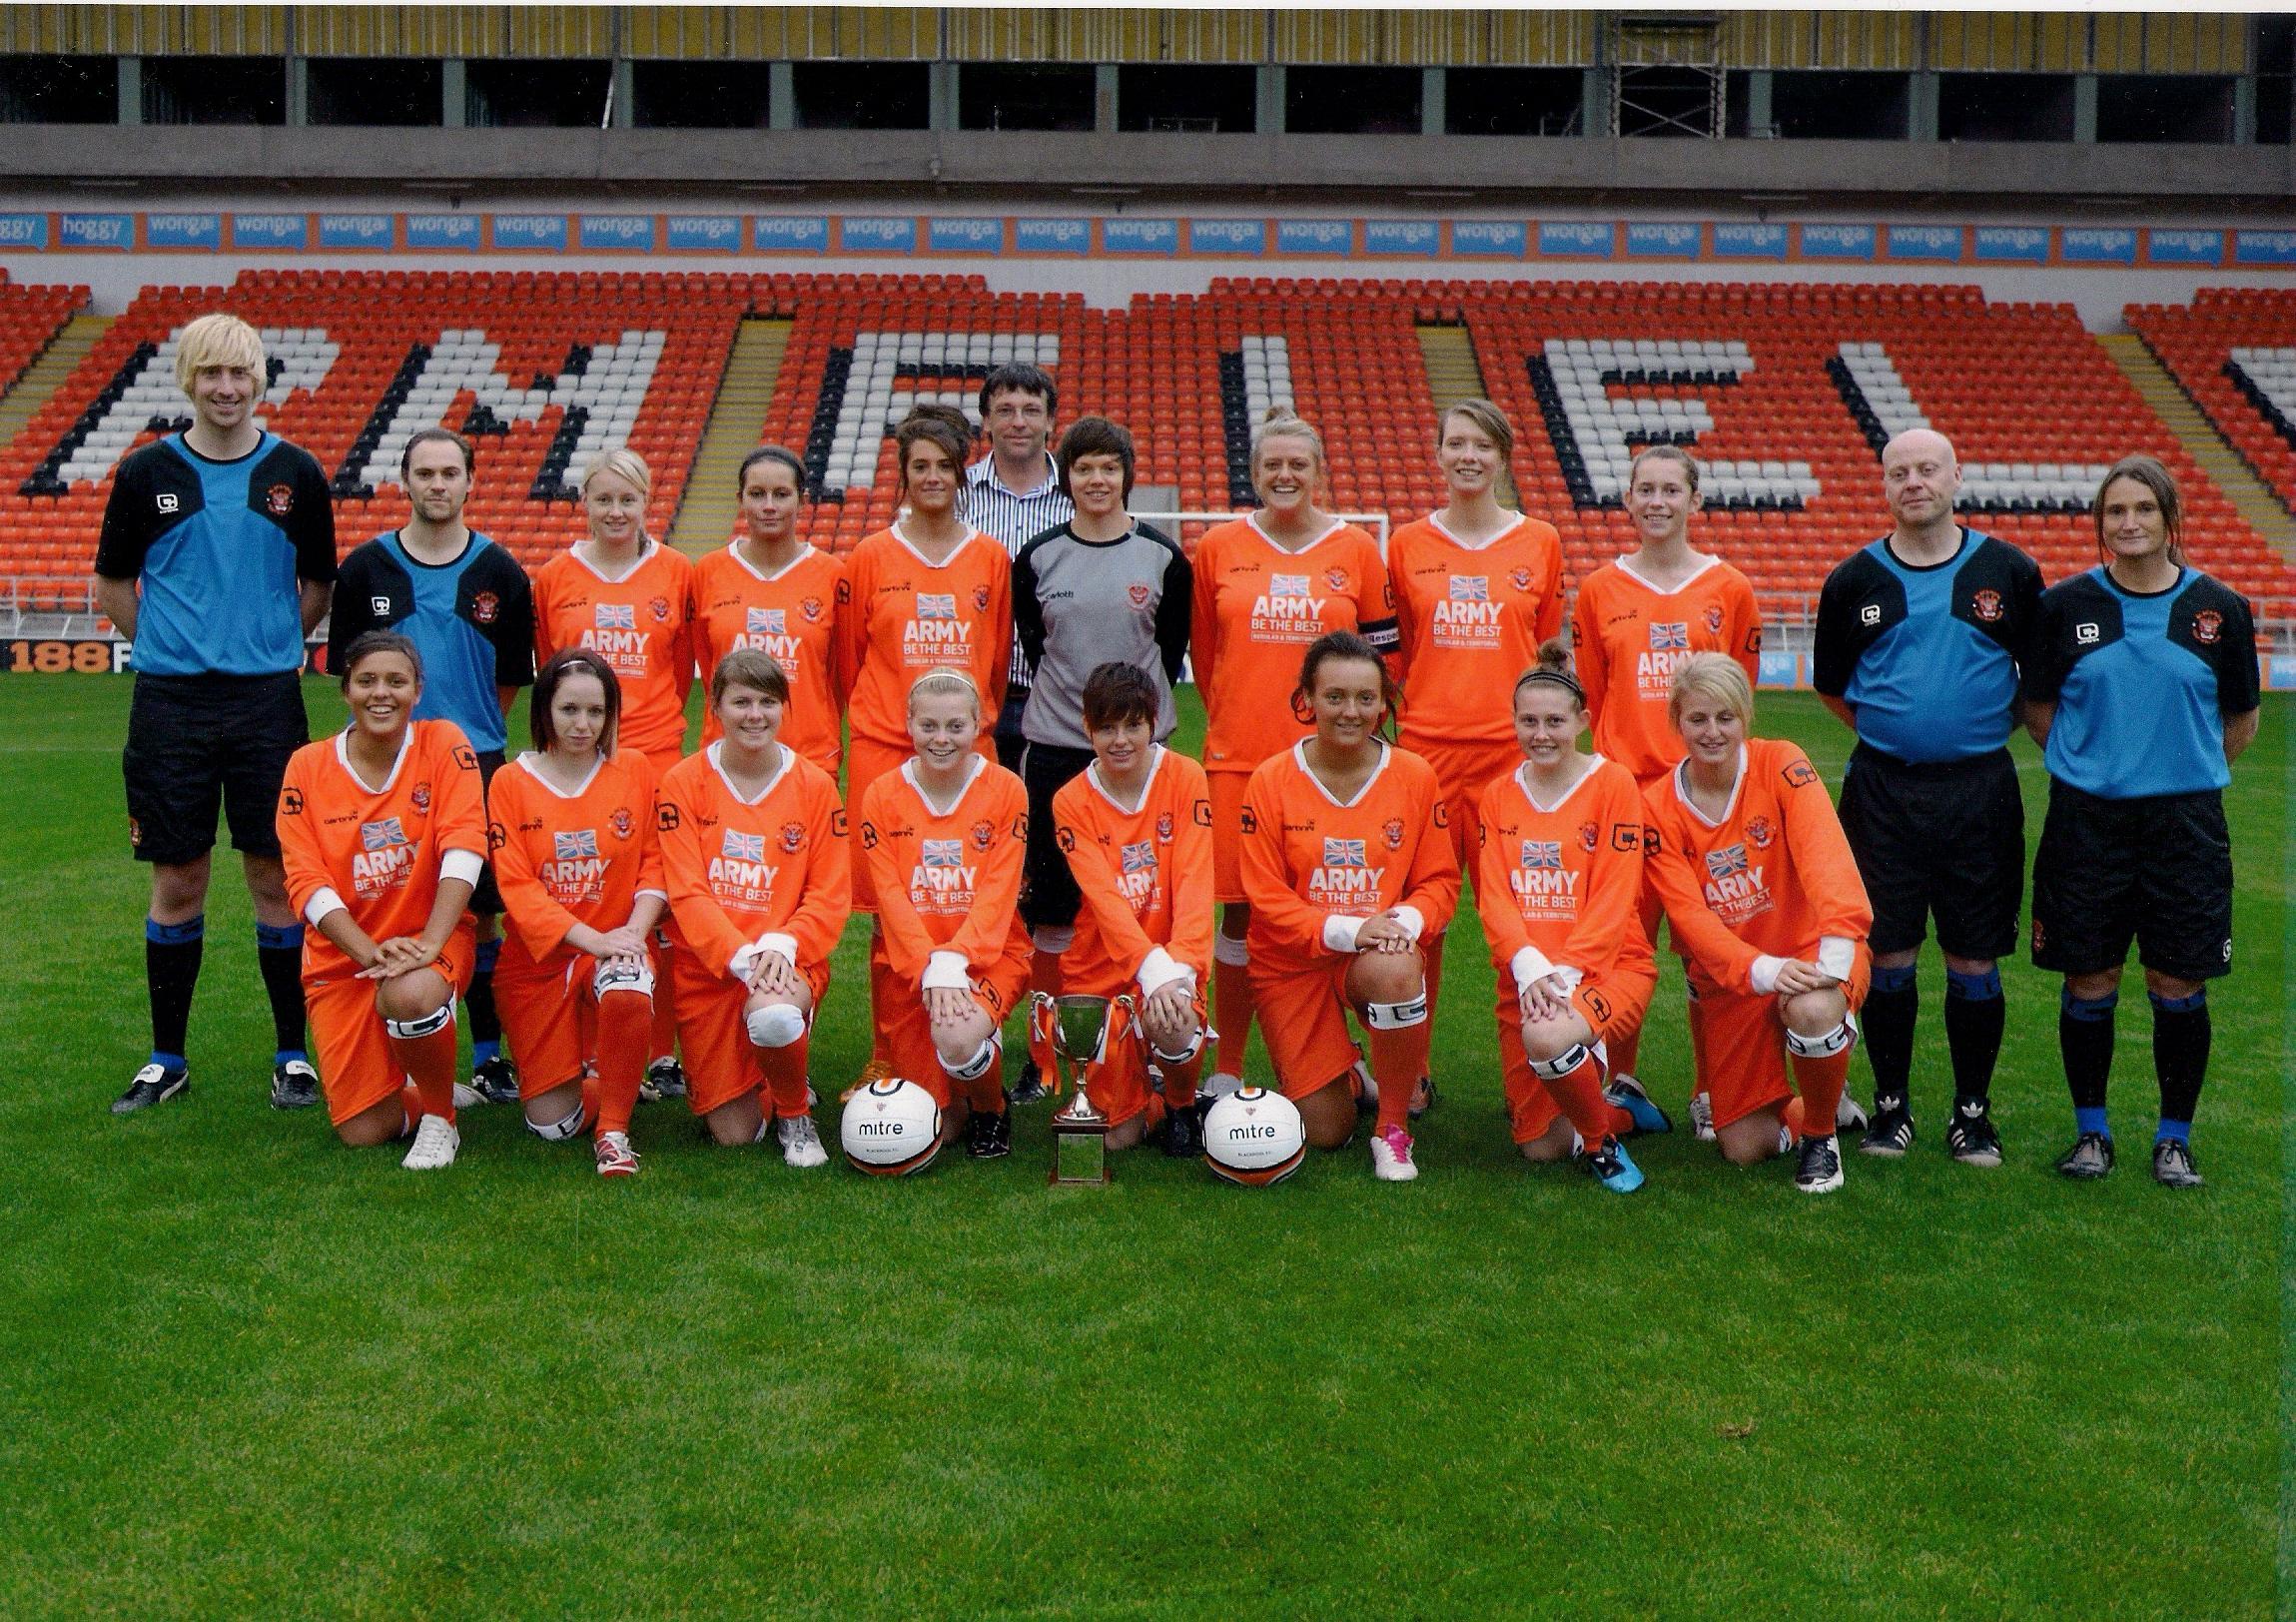 File:Blackpool FC Ladies 2010-2011.jpg - Wikimedia Commons